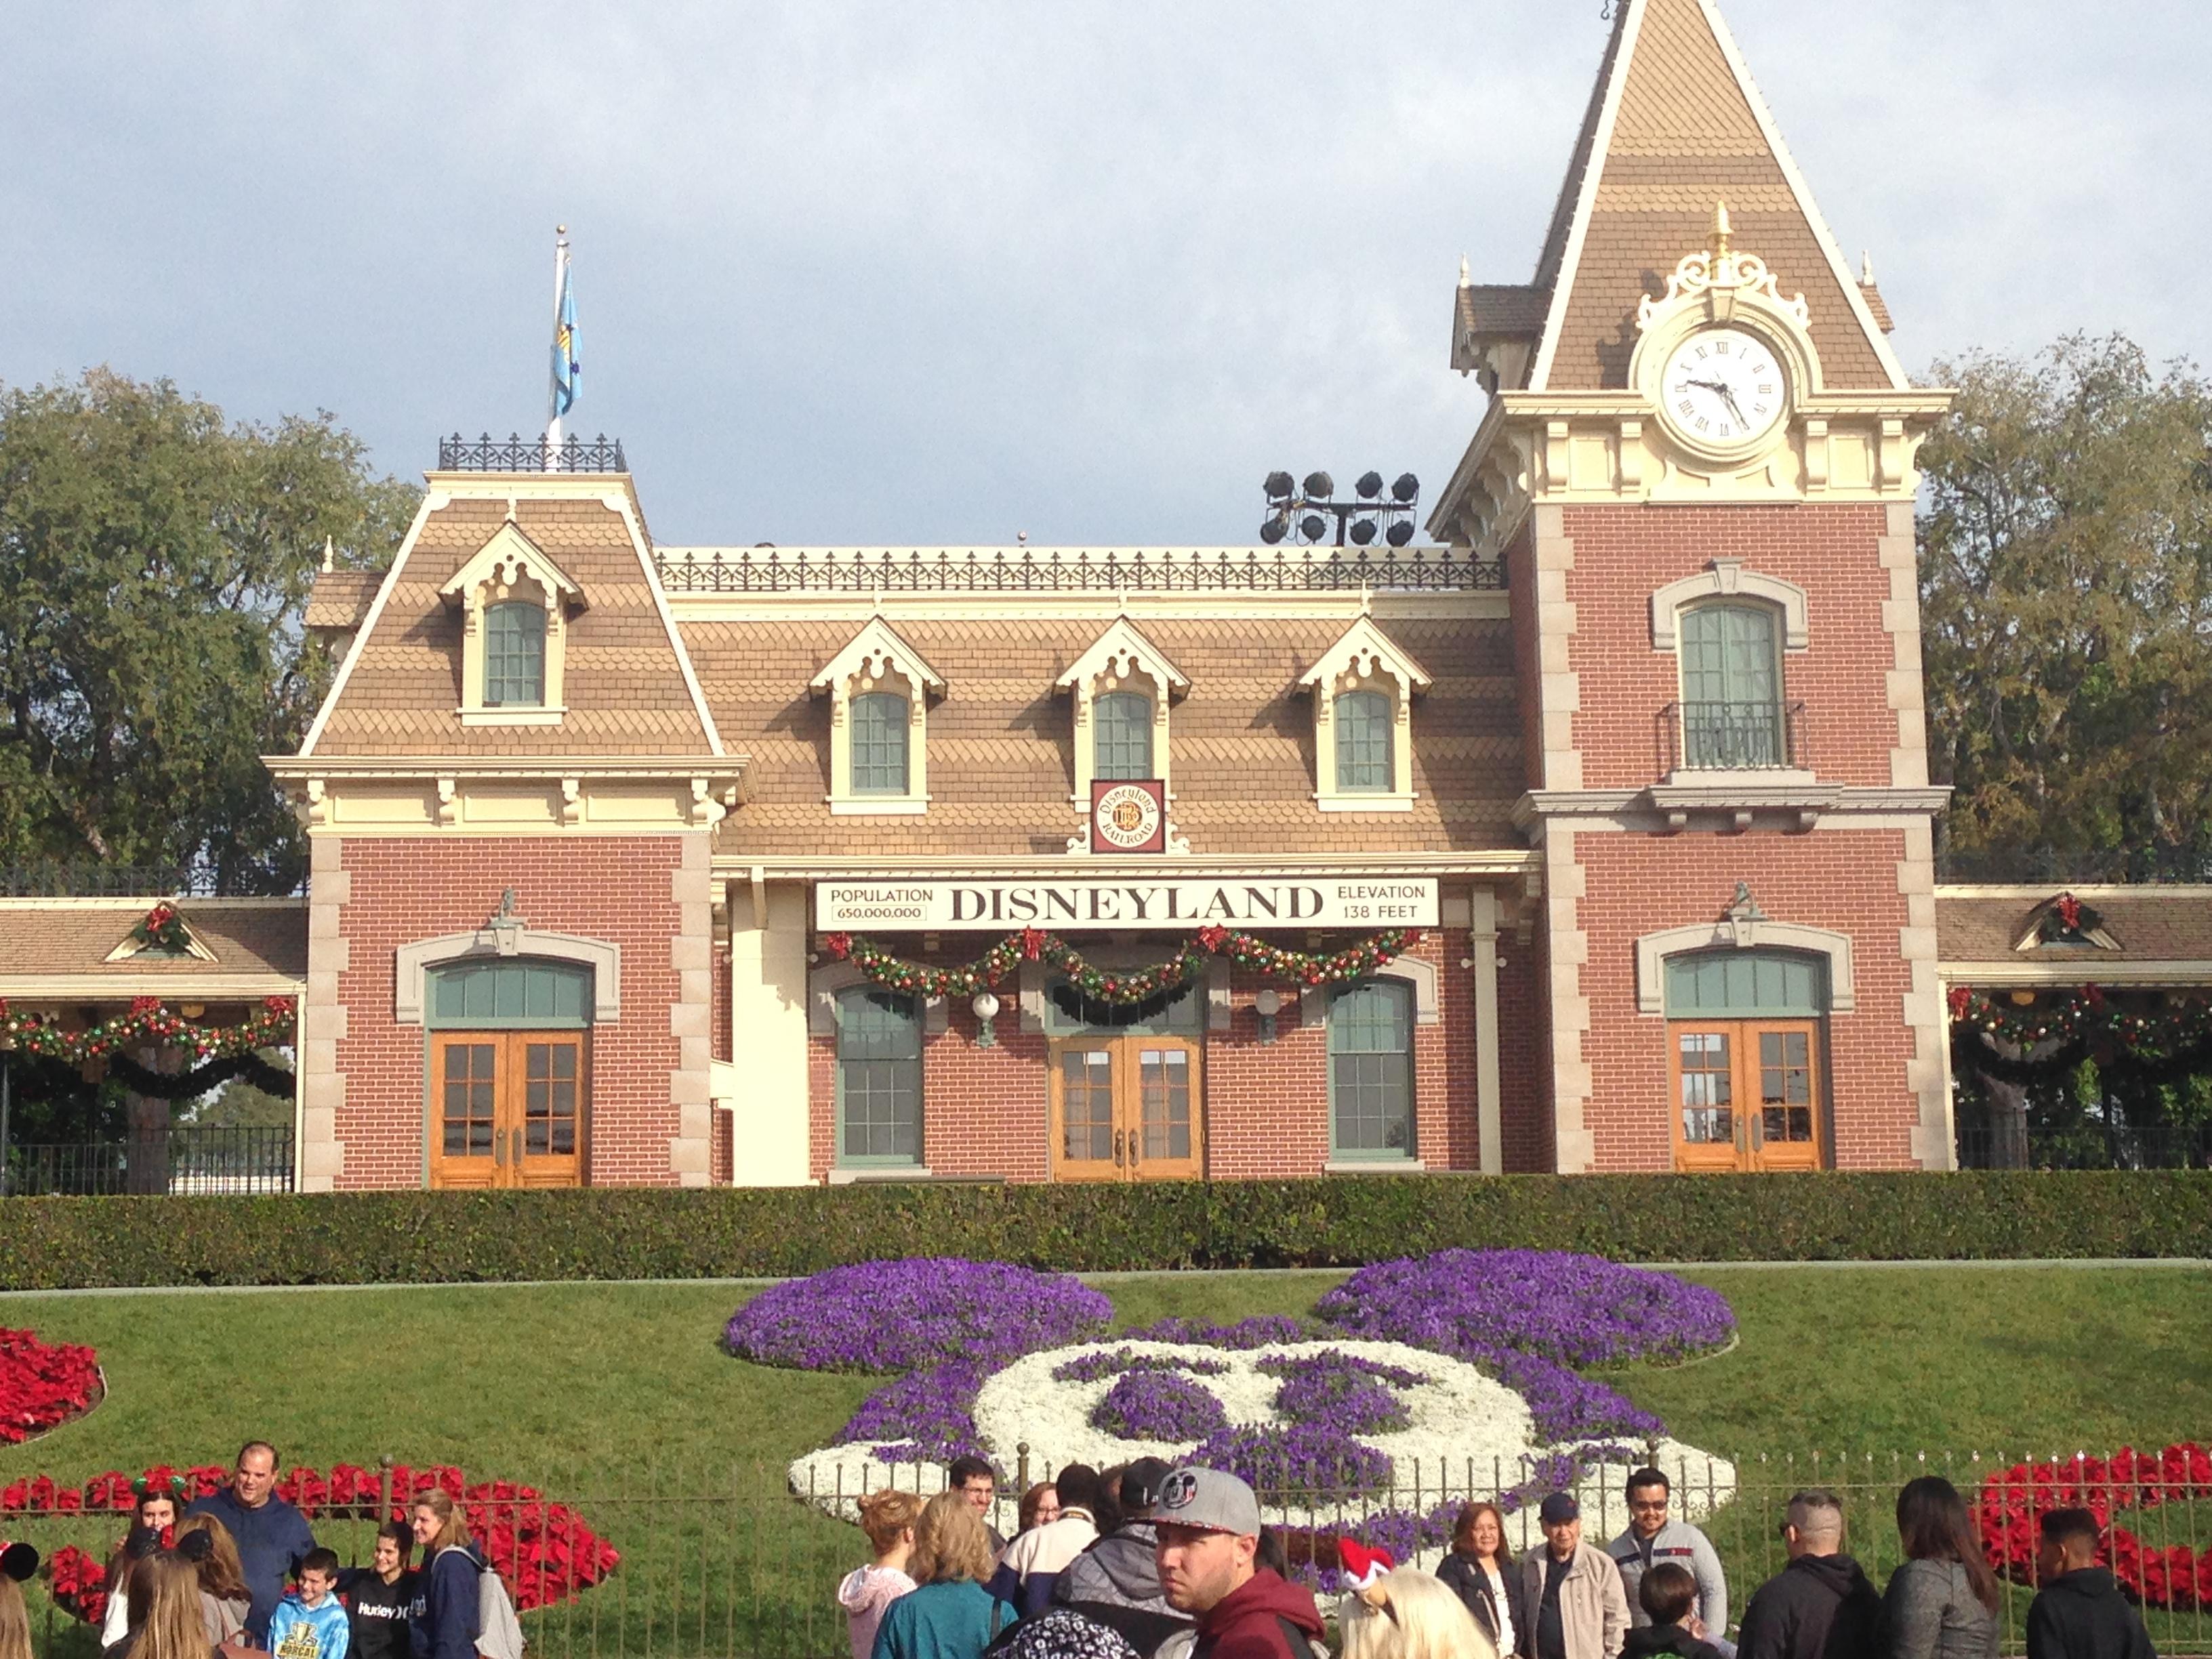 Entrance at Disney